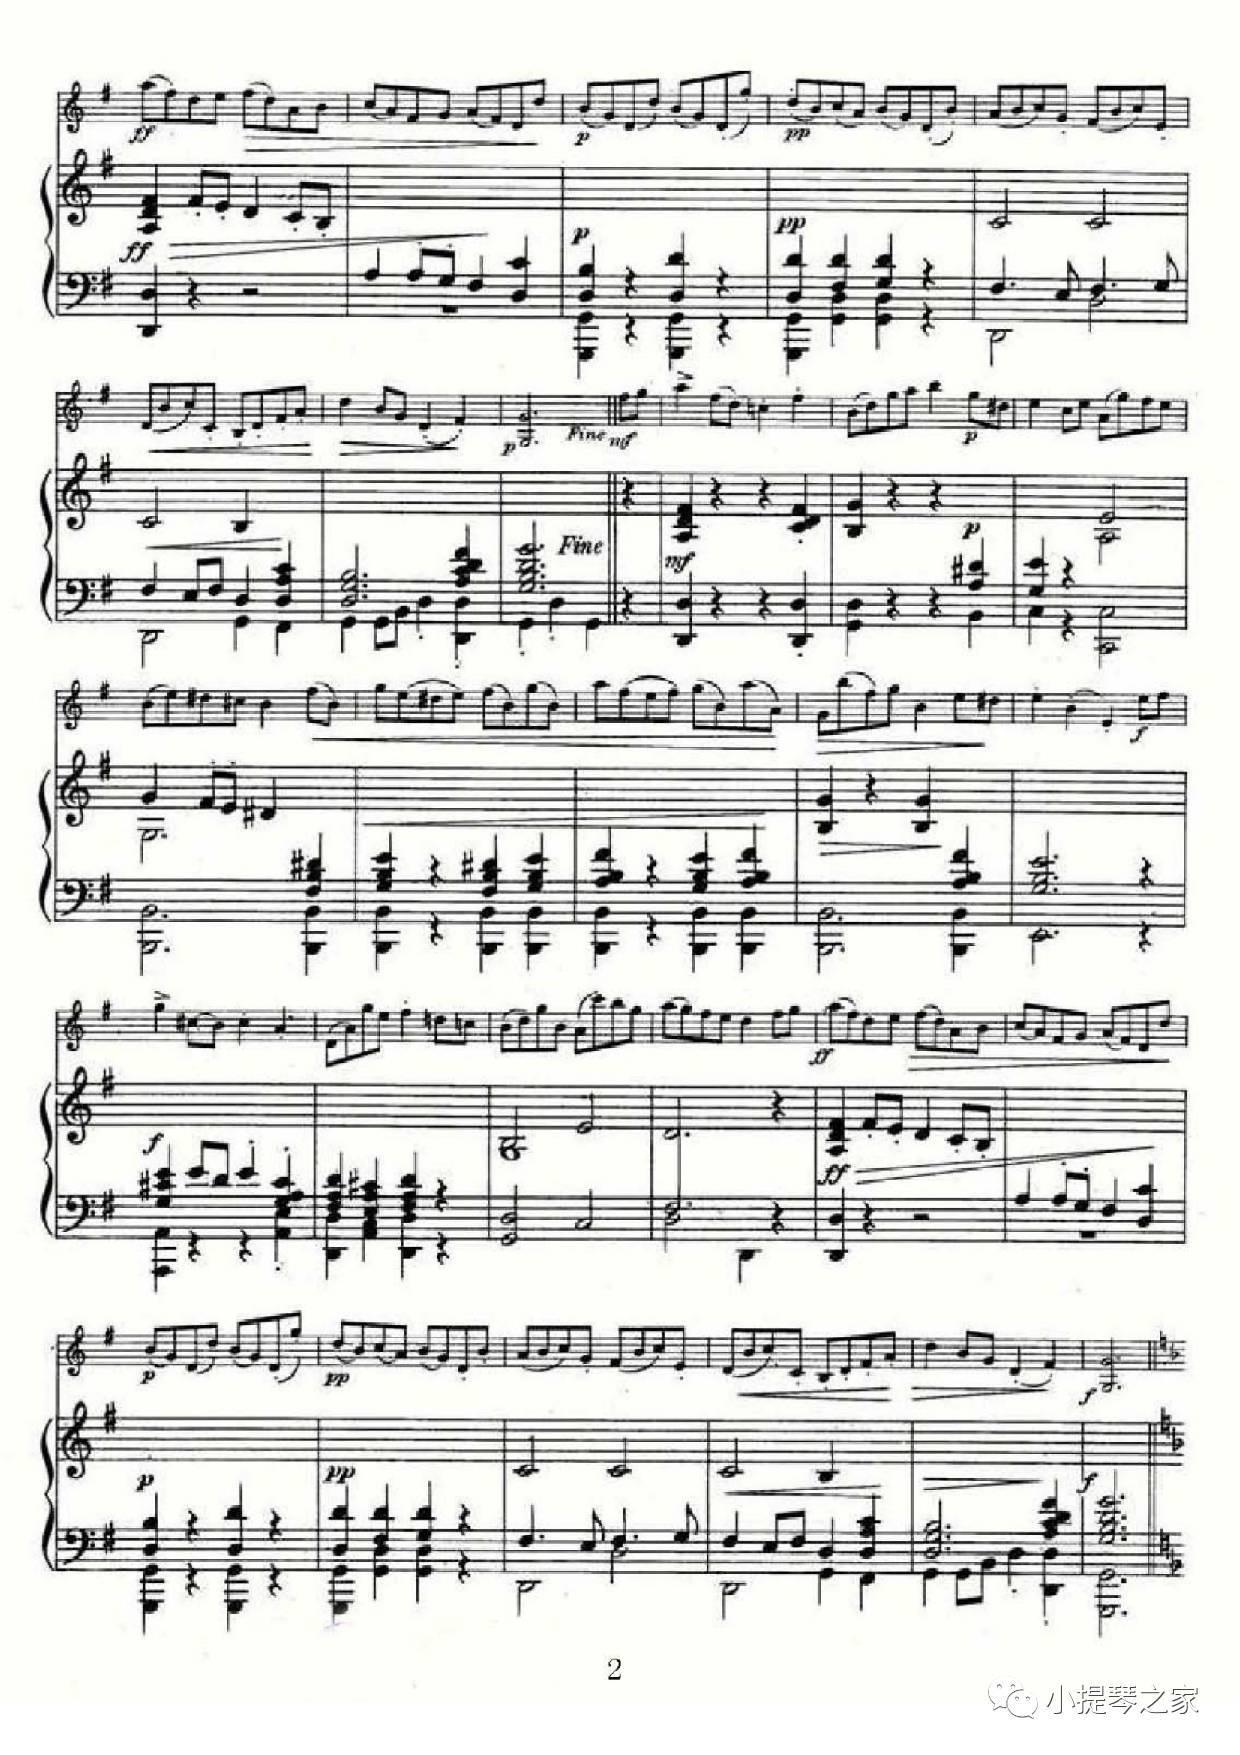 轻松愉快:《布列舞曲》附小提琴谱-巴赫曲